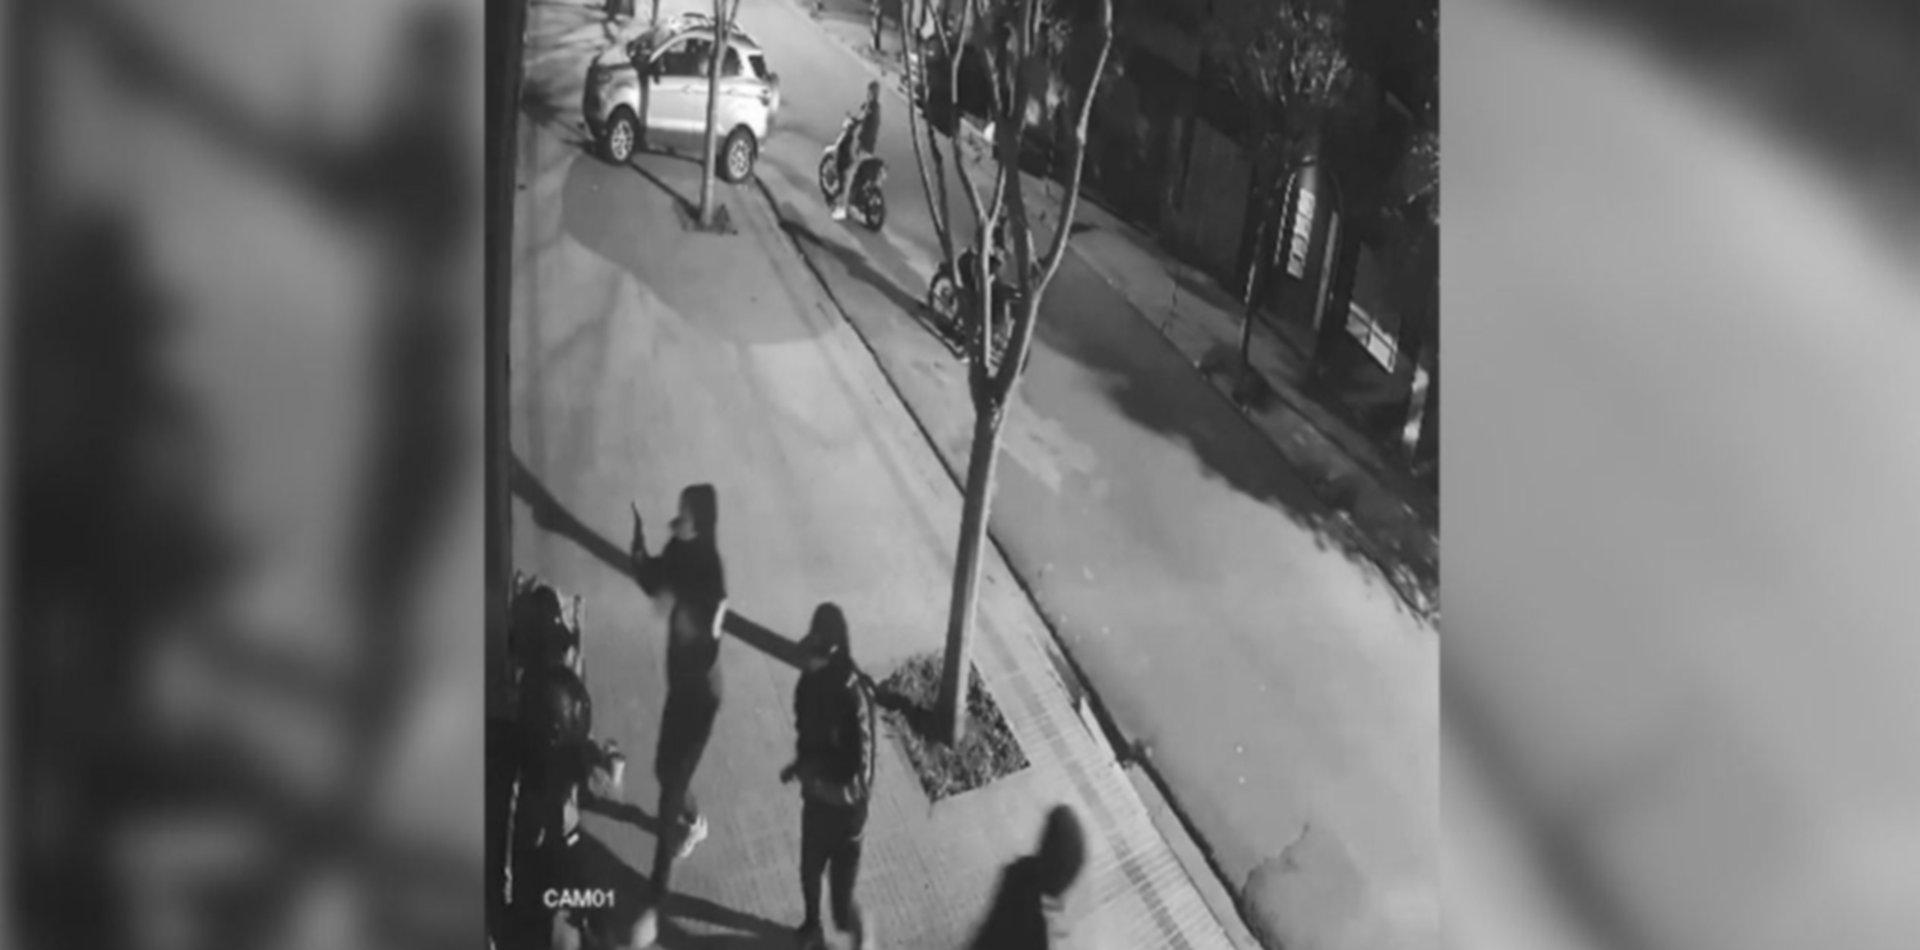 VIDEO: Cuatro motochorros amenazaron un repartidor de Rappi y le robaron la moto